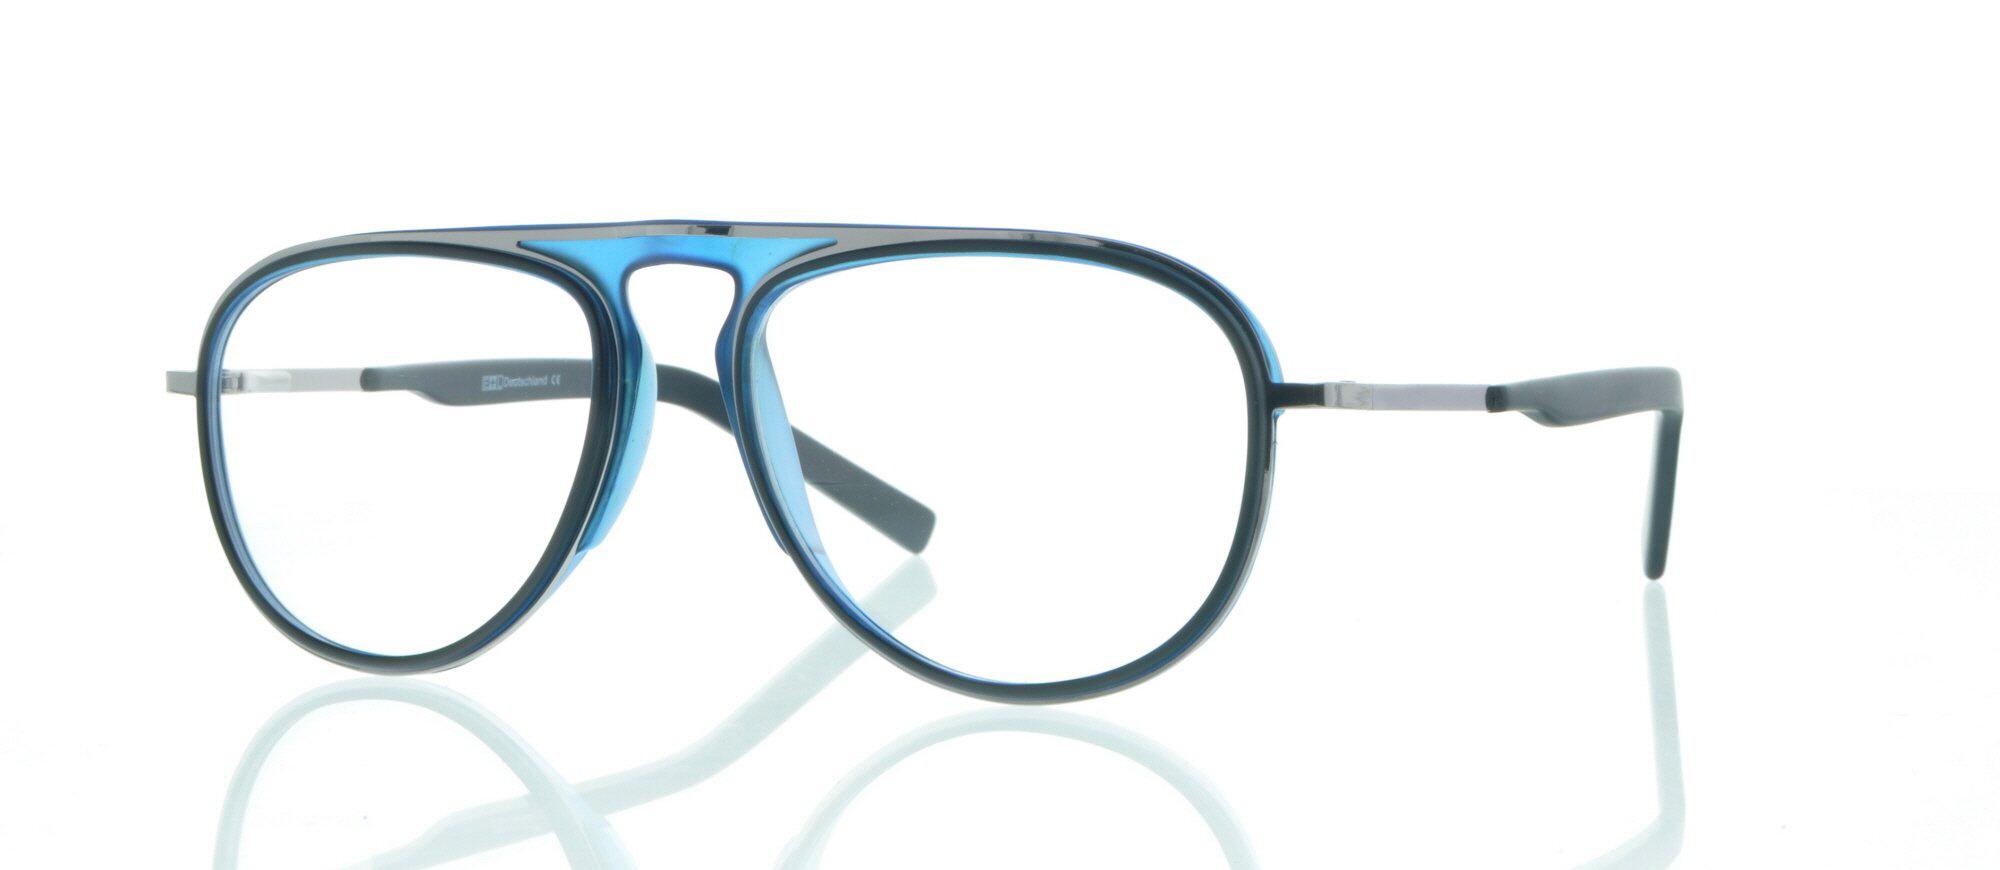 1A-sehen.de Brille 1A-sehen.de 1202 C2 silber/blau 2aAWzb